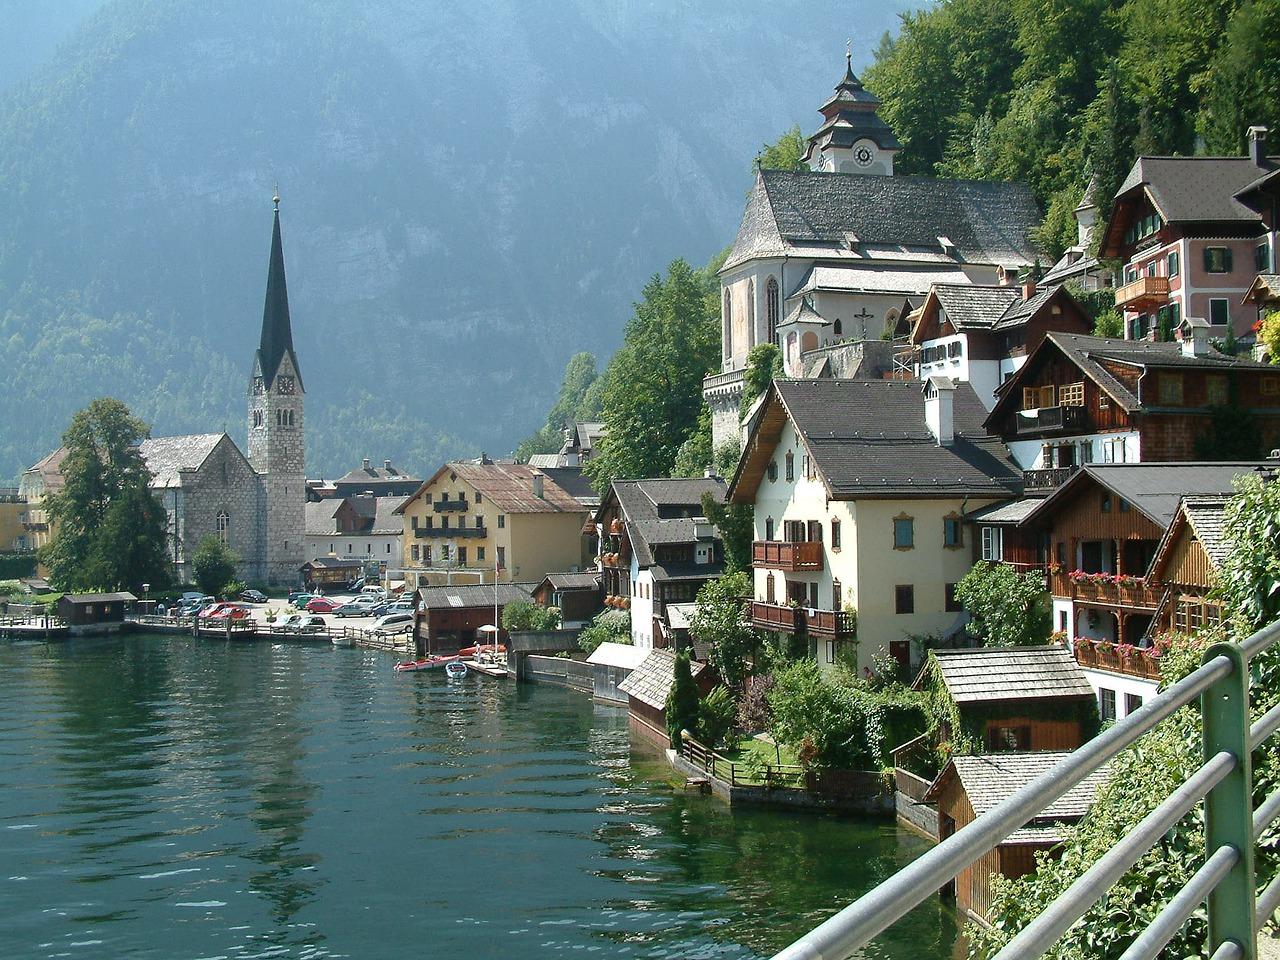 Картинки австрия летом, нежные открытки картинки